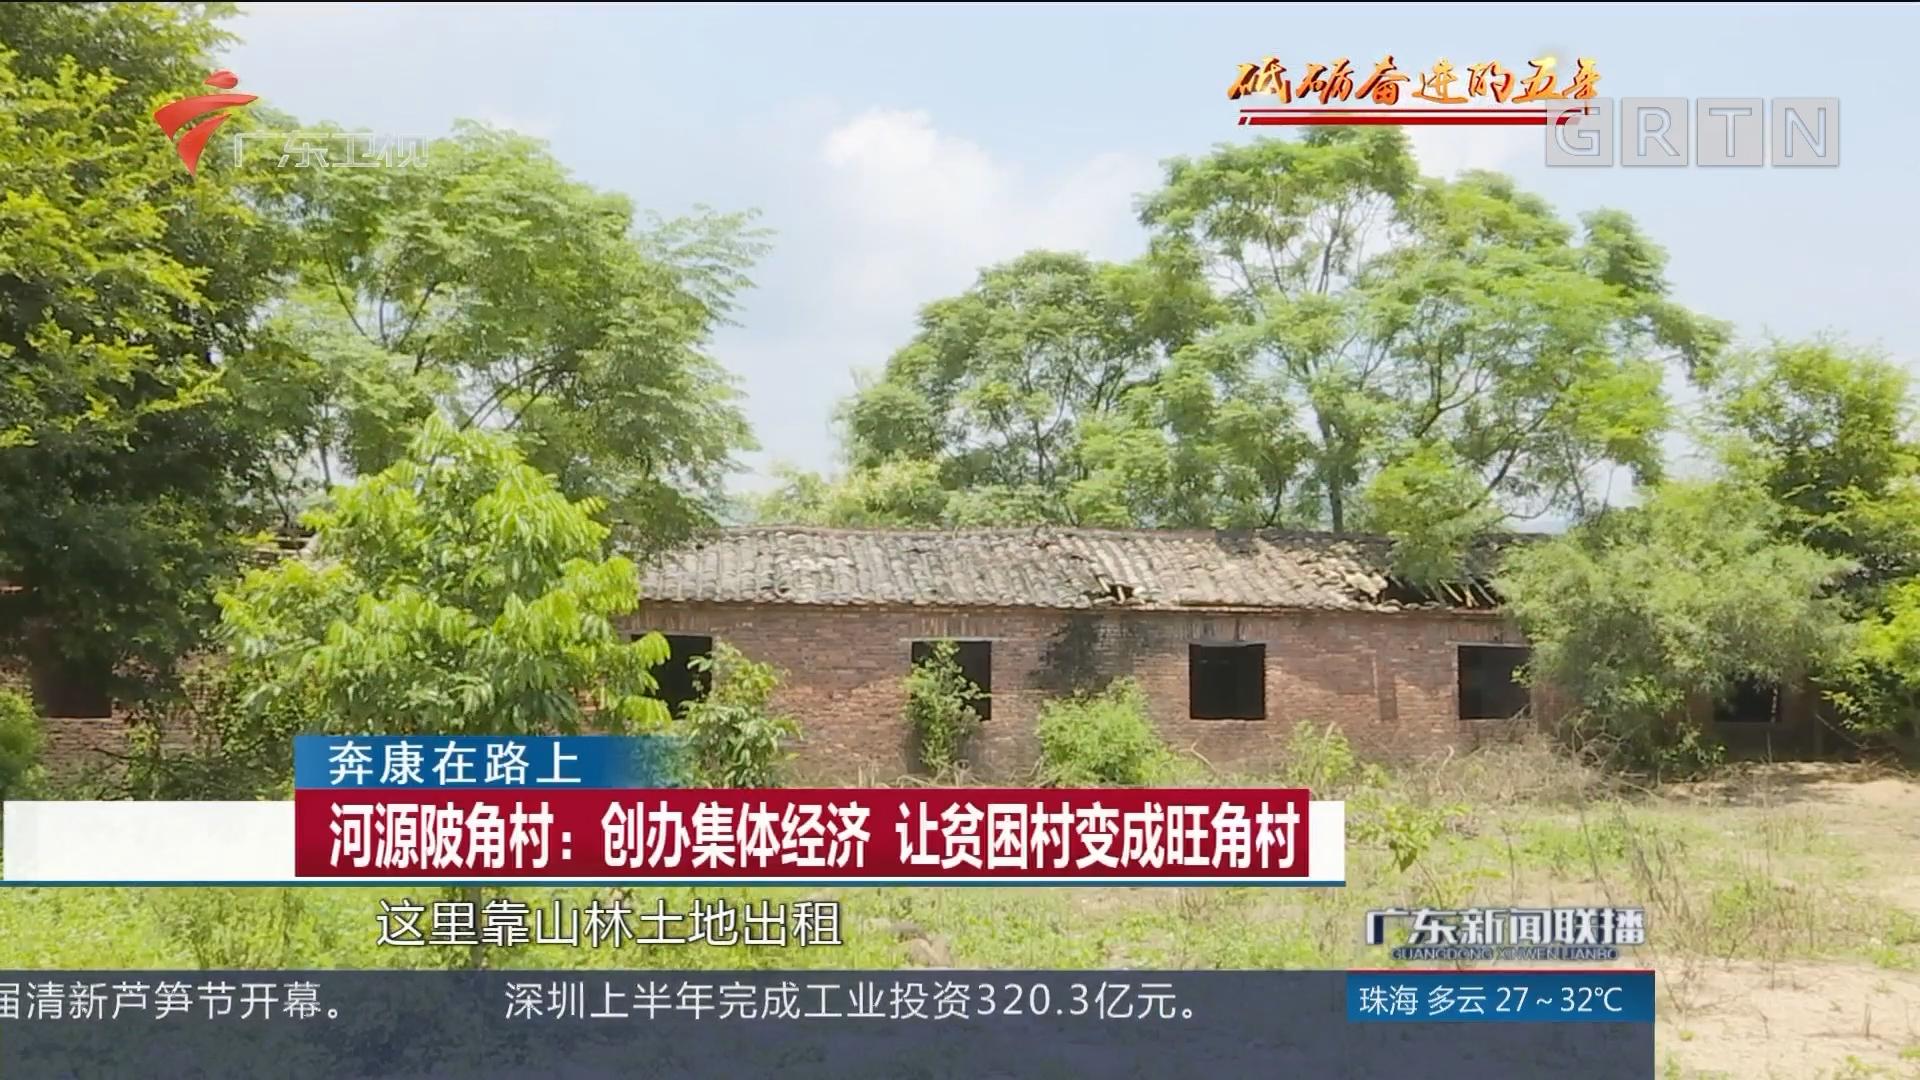 河源陂角村:创办集体经济 让贫困村变成旺角村